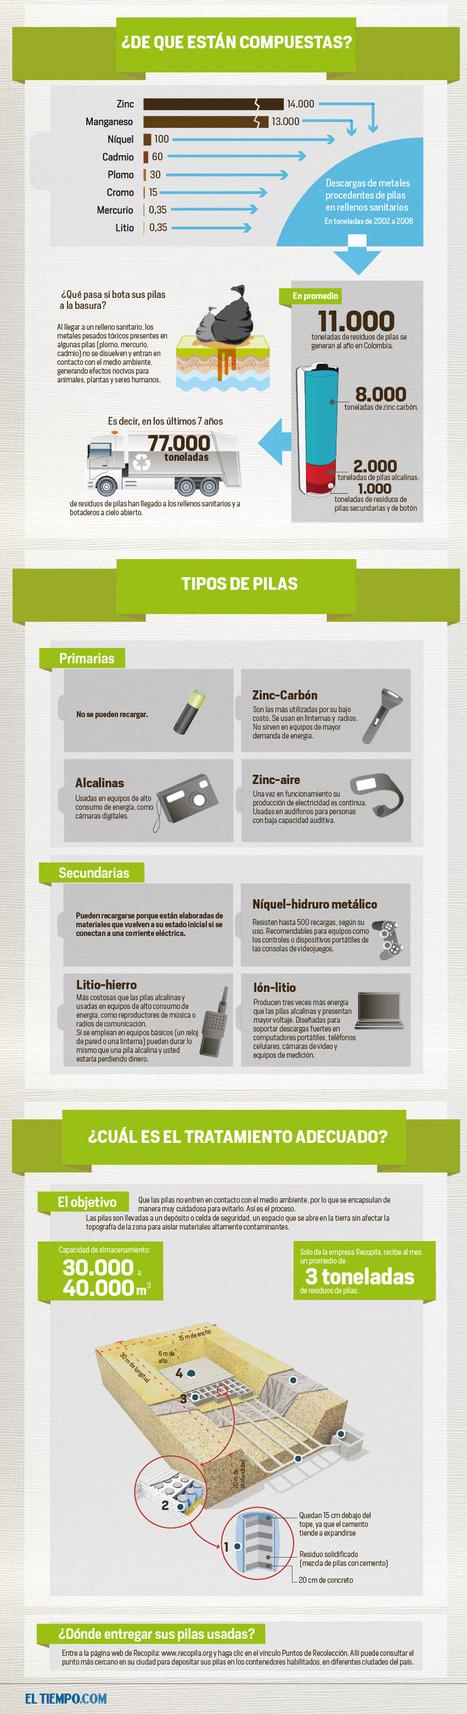 No tires las pilas usadas a la basura #infografia #infographic #medioambiente | Infographics on the road | Scoop.it